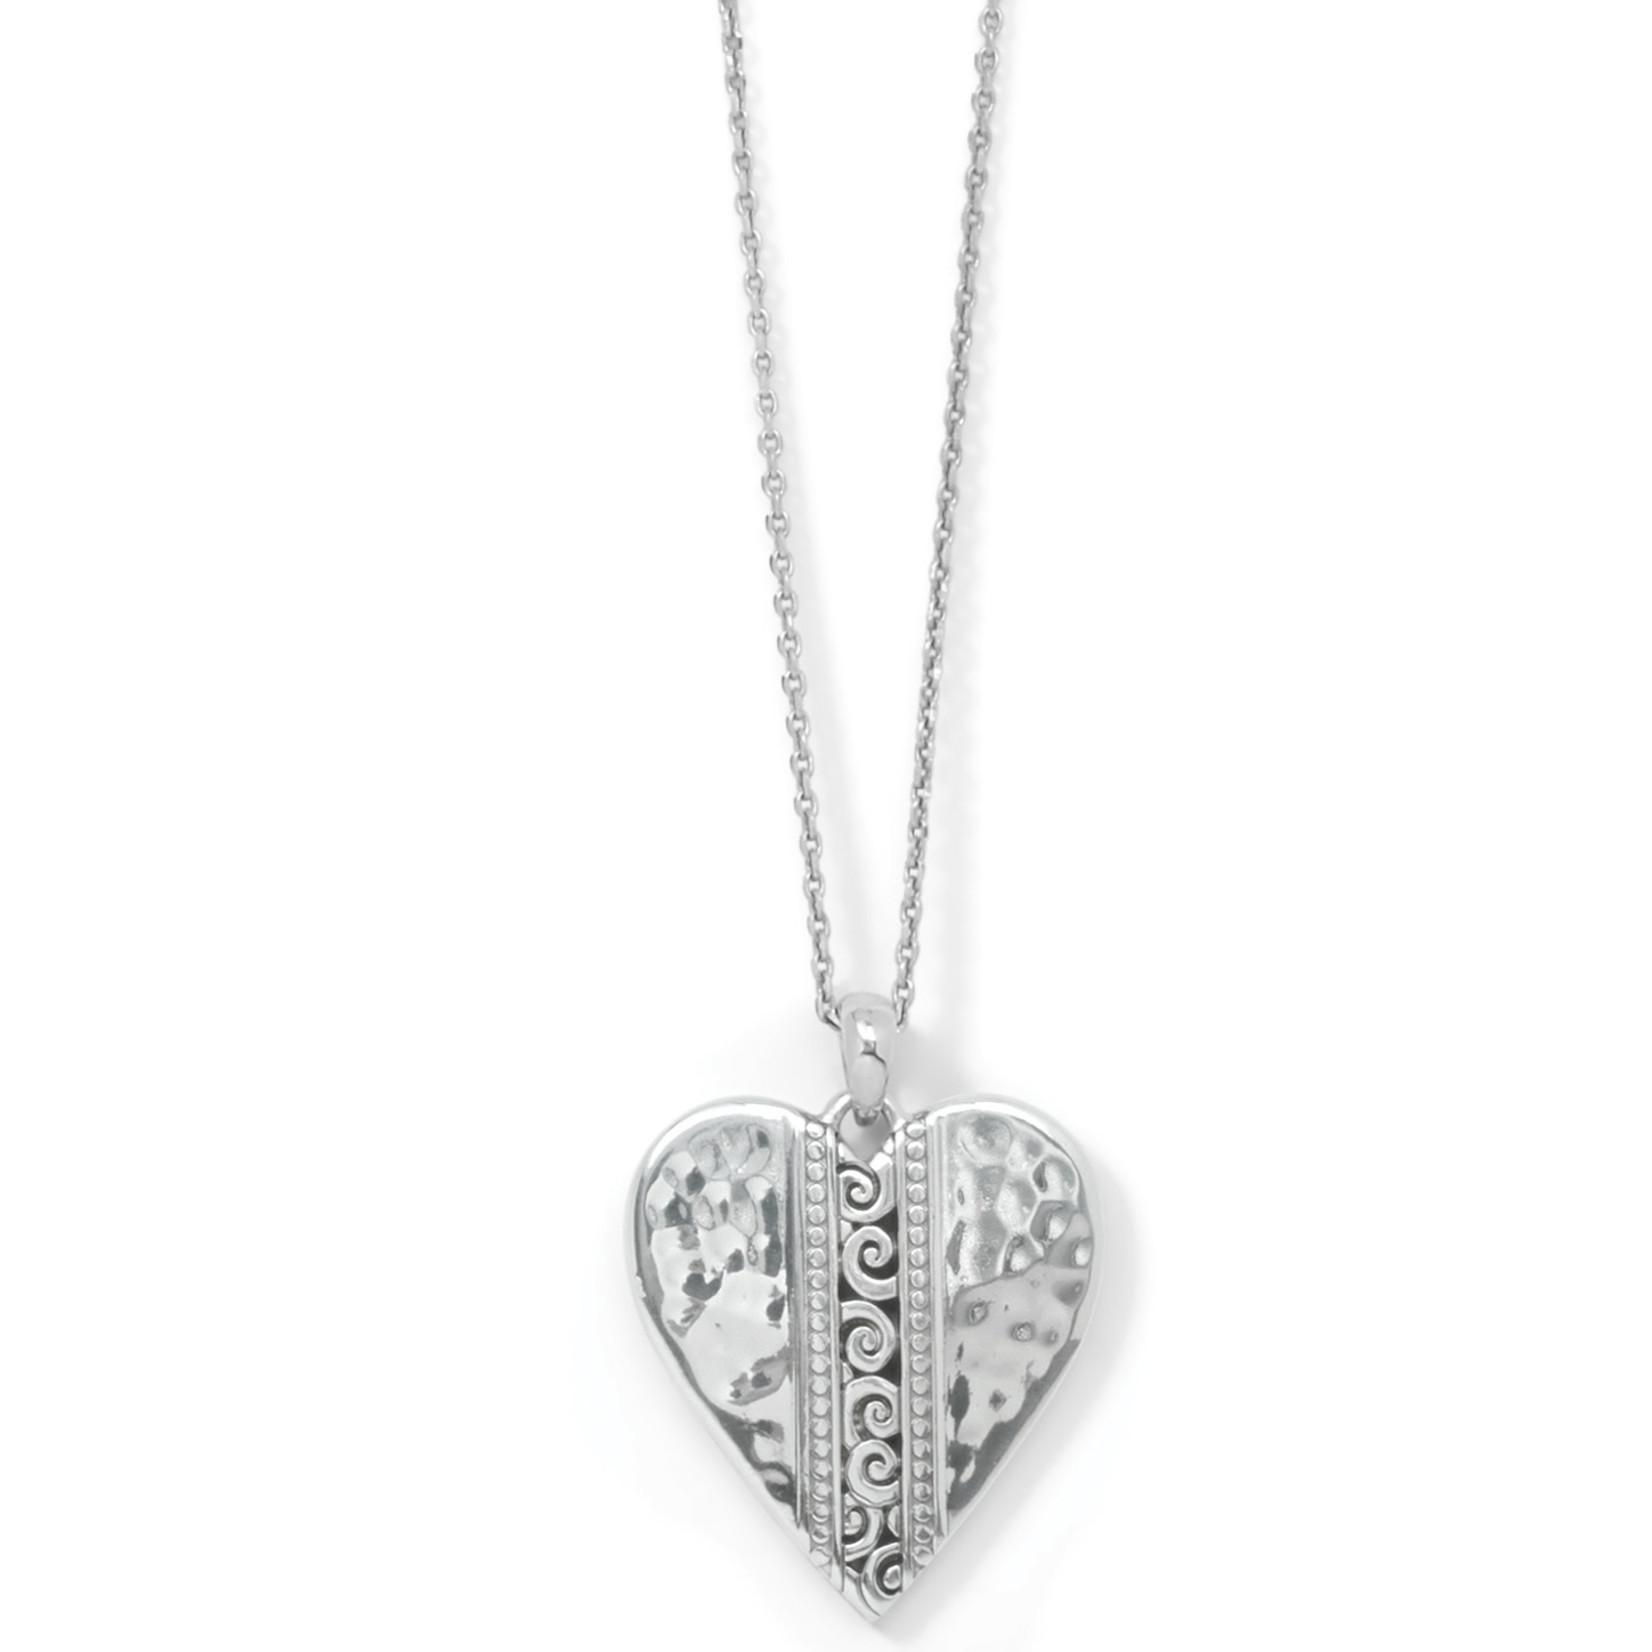 Brighton Mingle Adore Heart Necklace